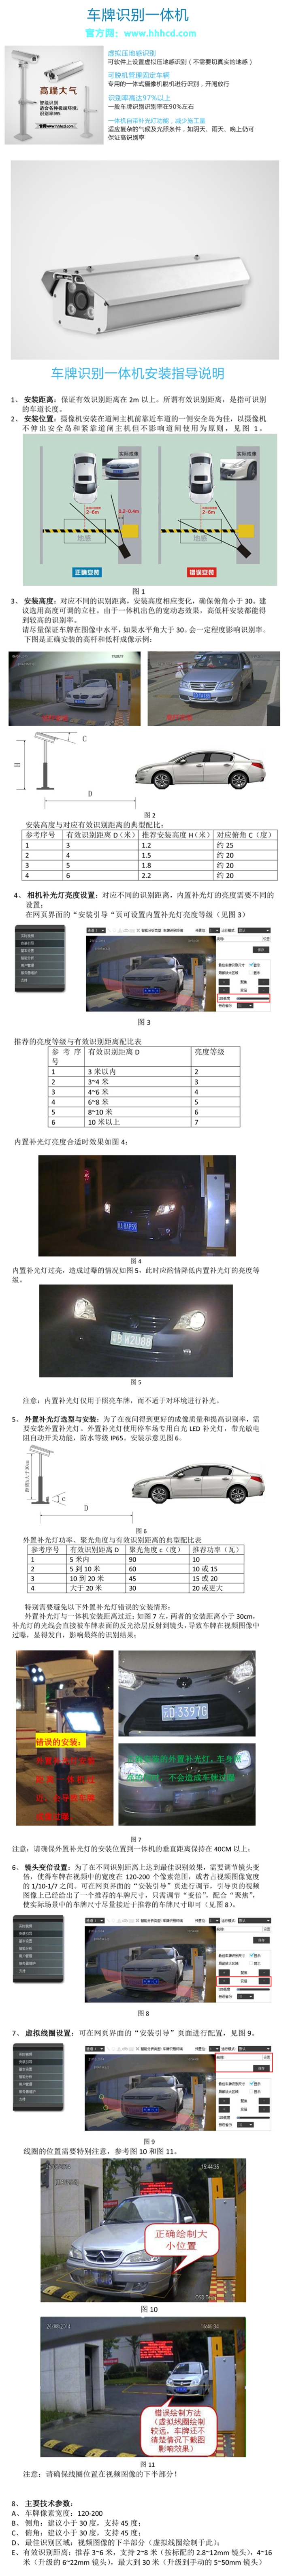 停车场系统万博博彩苹果app下载技术,停车场系统万博博彩苹果app下载学习